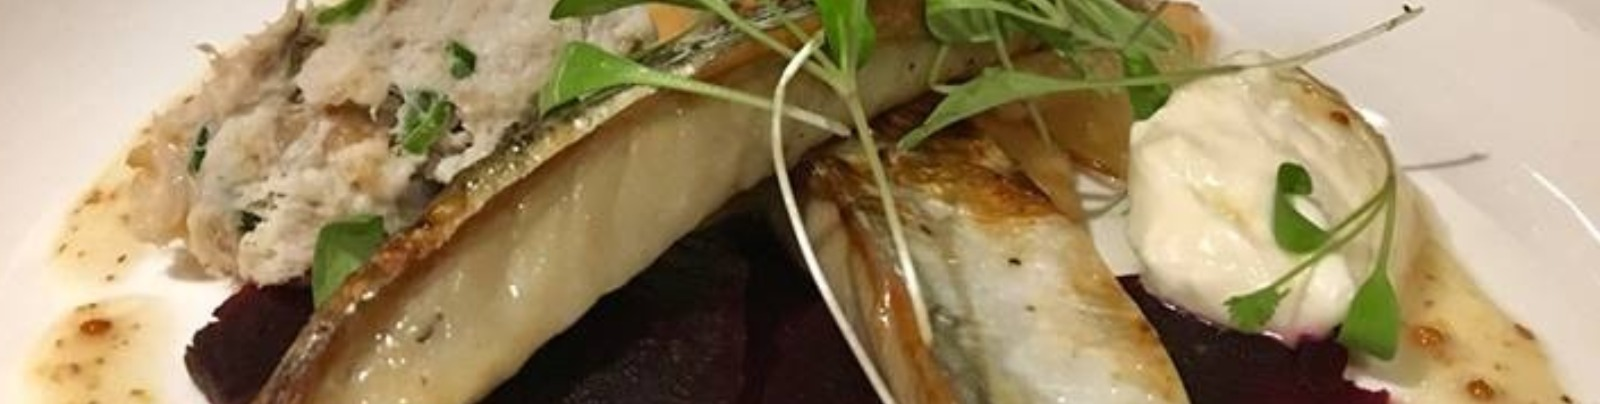 fish friday fish